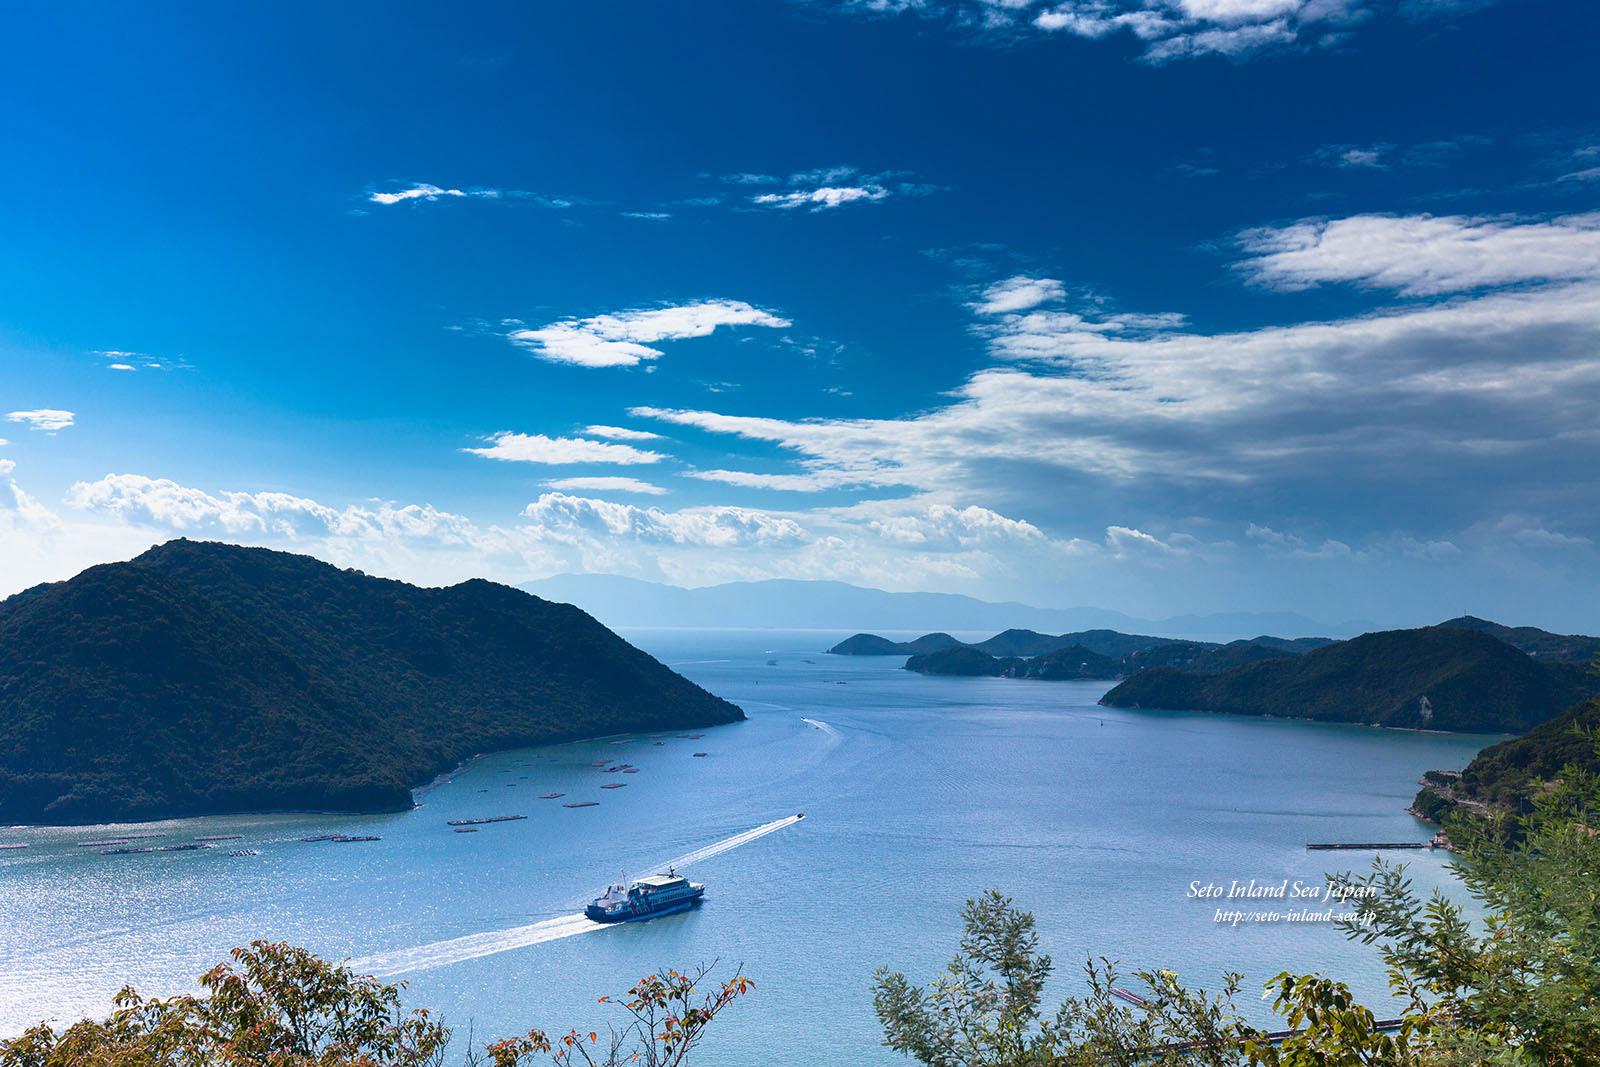 みなとの見える丘公園から瀬戸内海の絶景写真